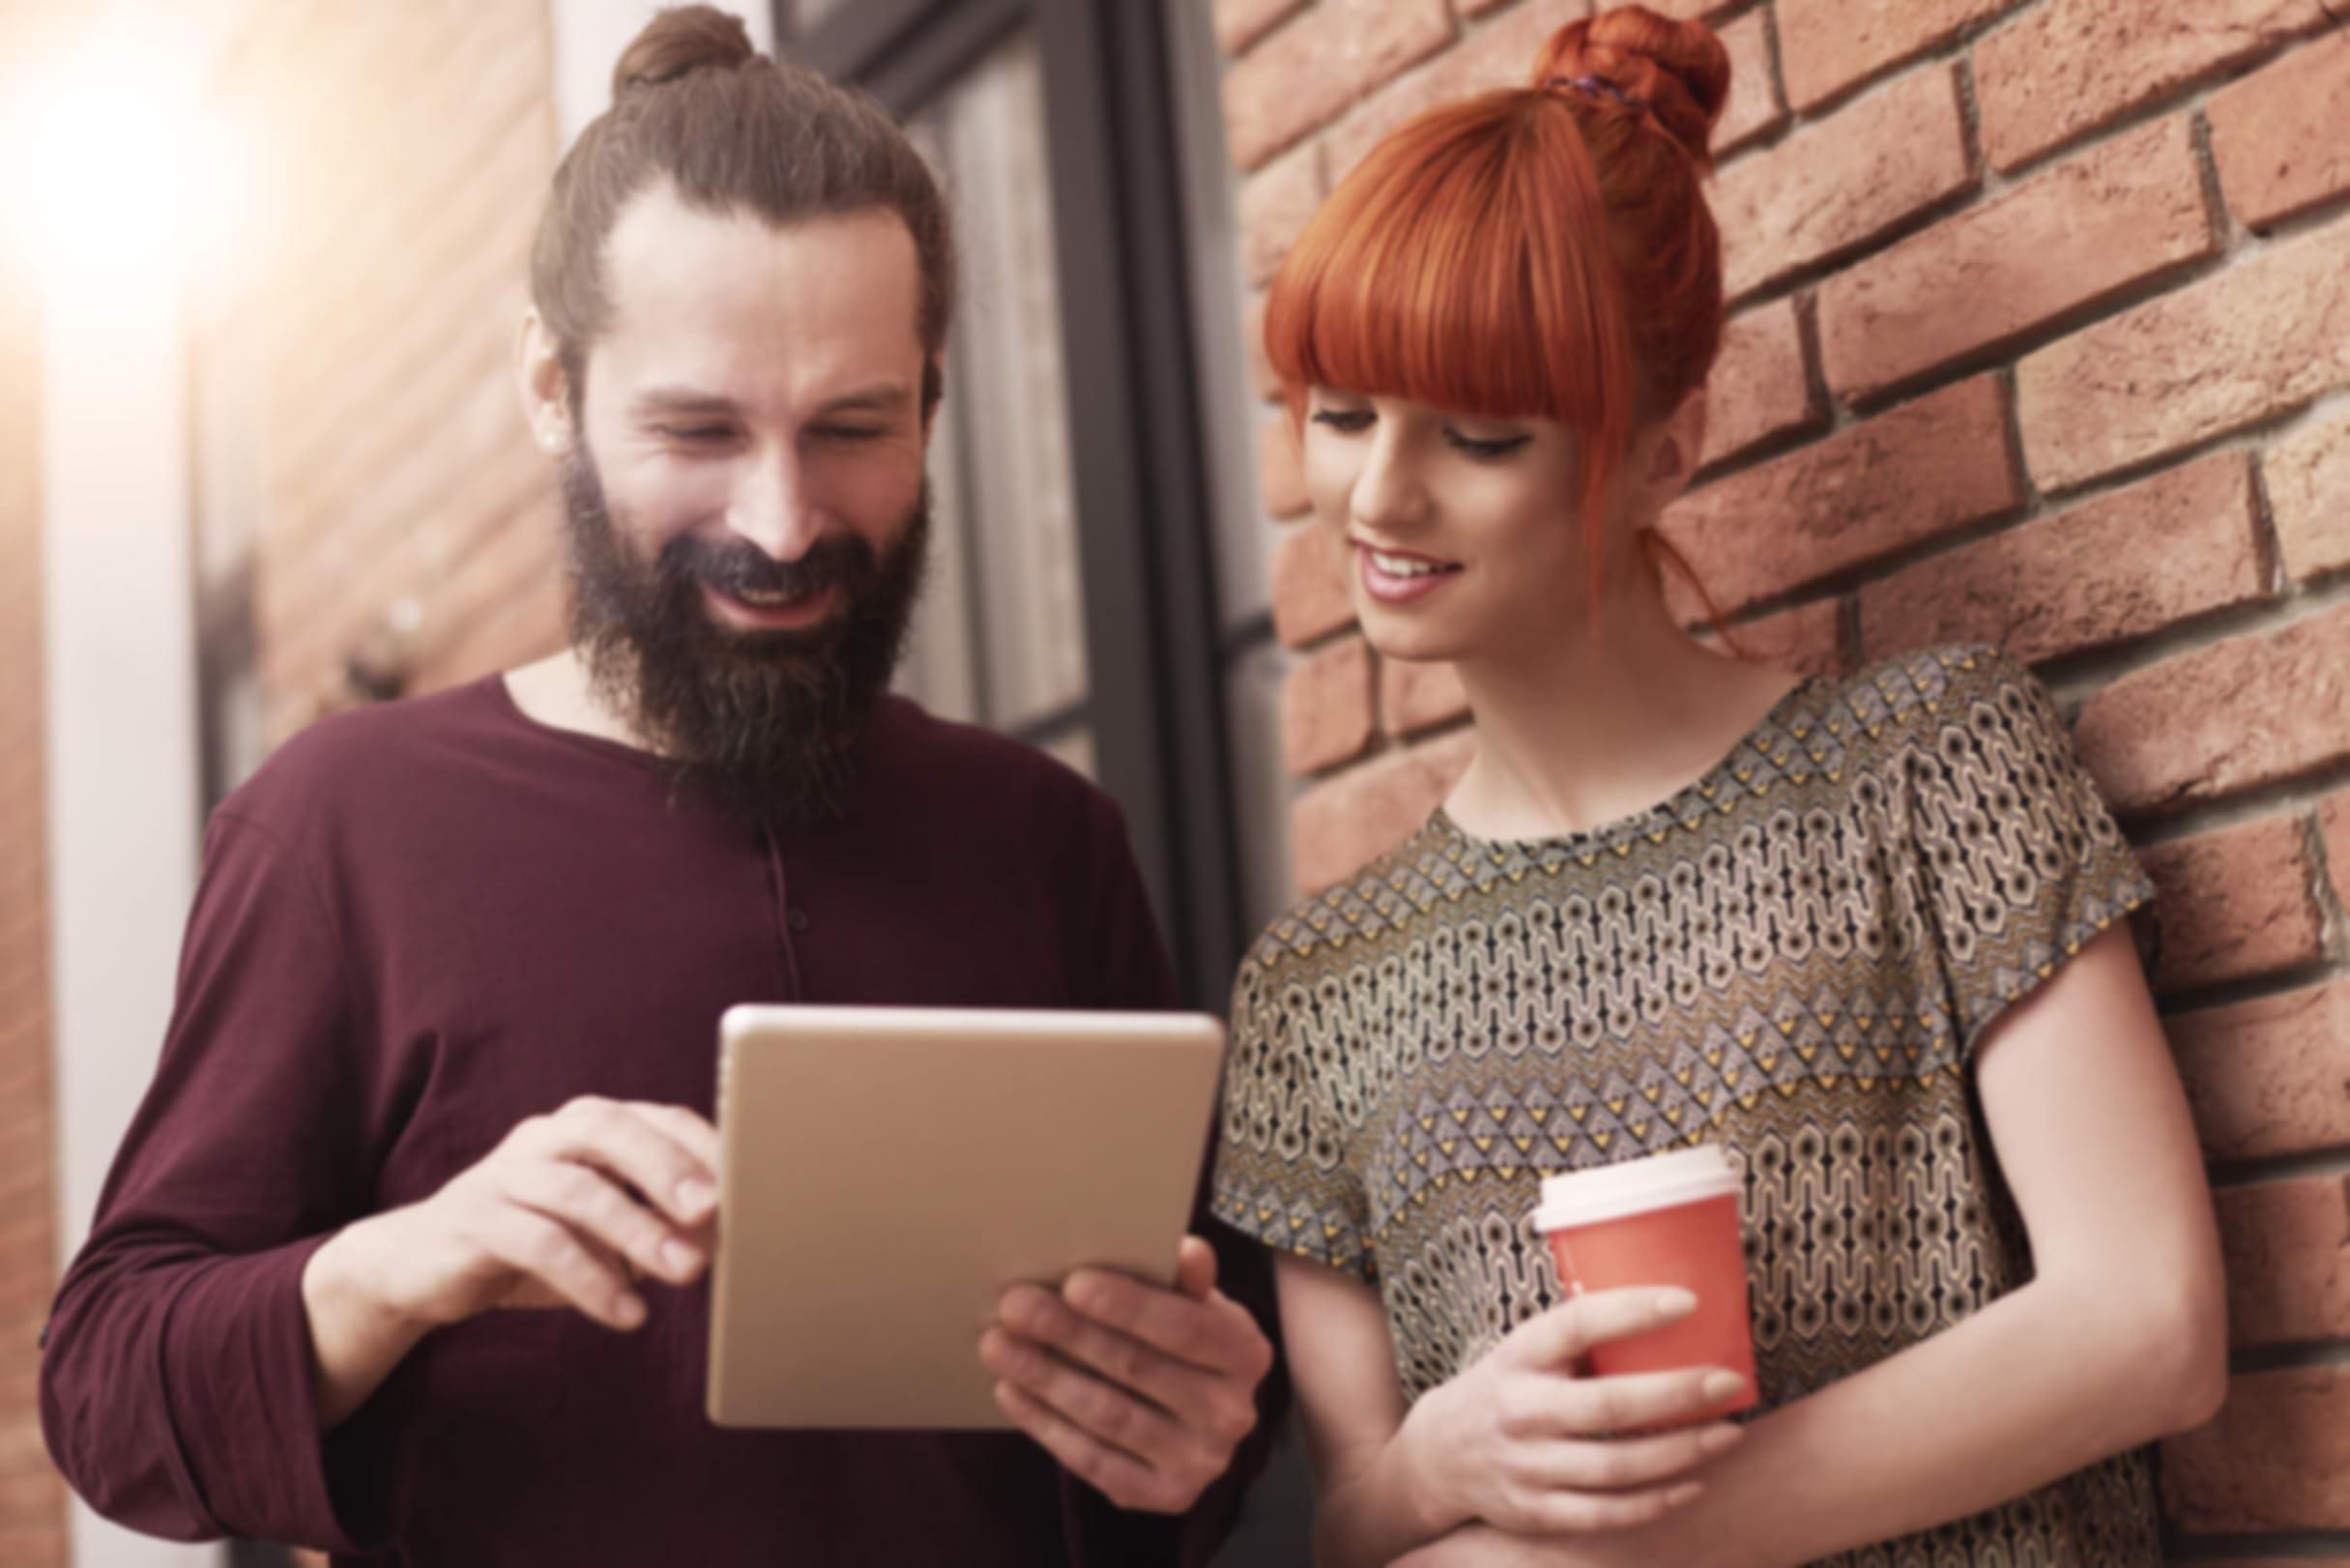 Mann und Frau, die auf ein Tablet schauen.